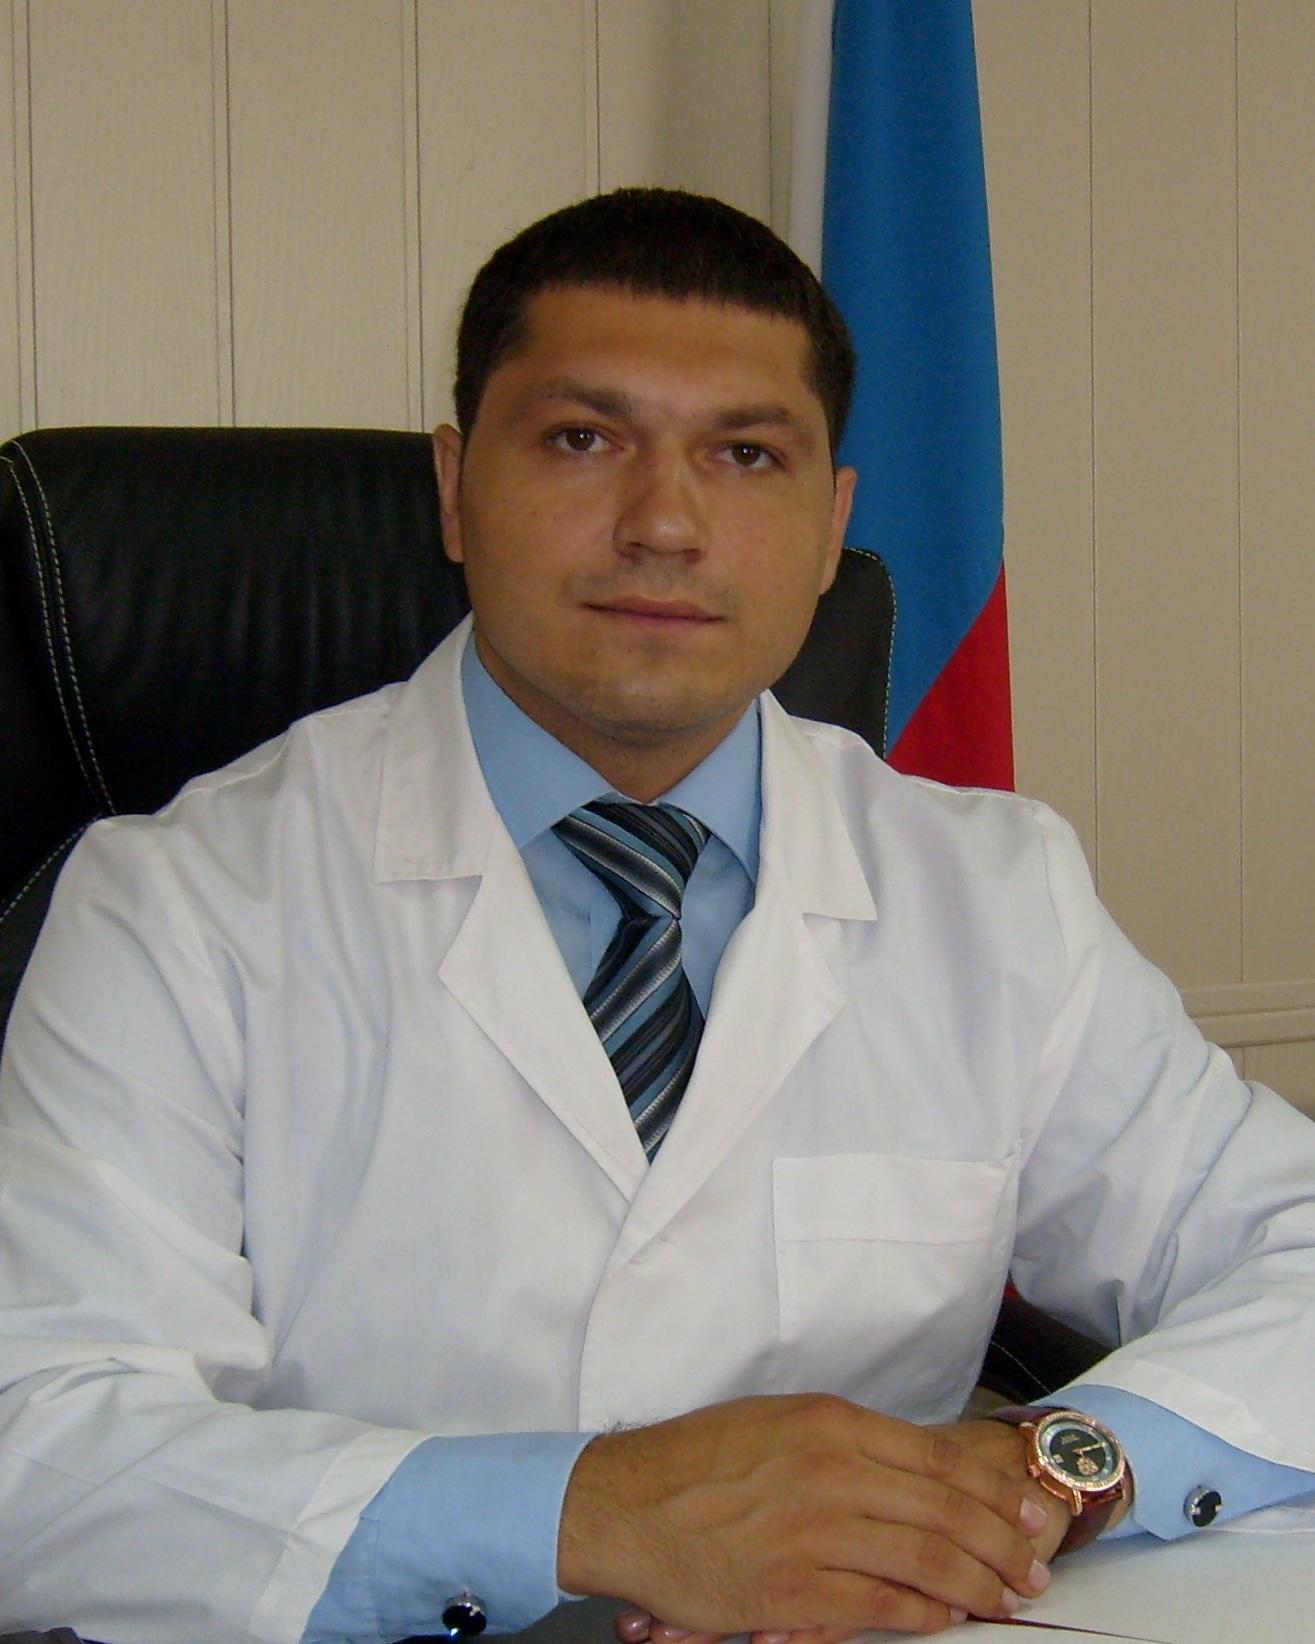 Якушев Руслан Борисович